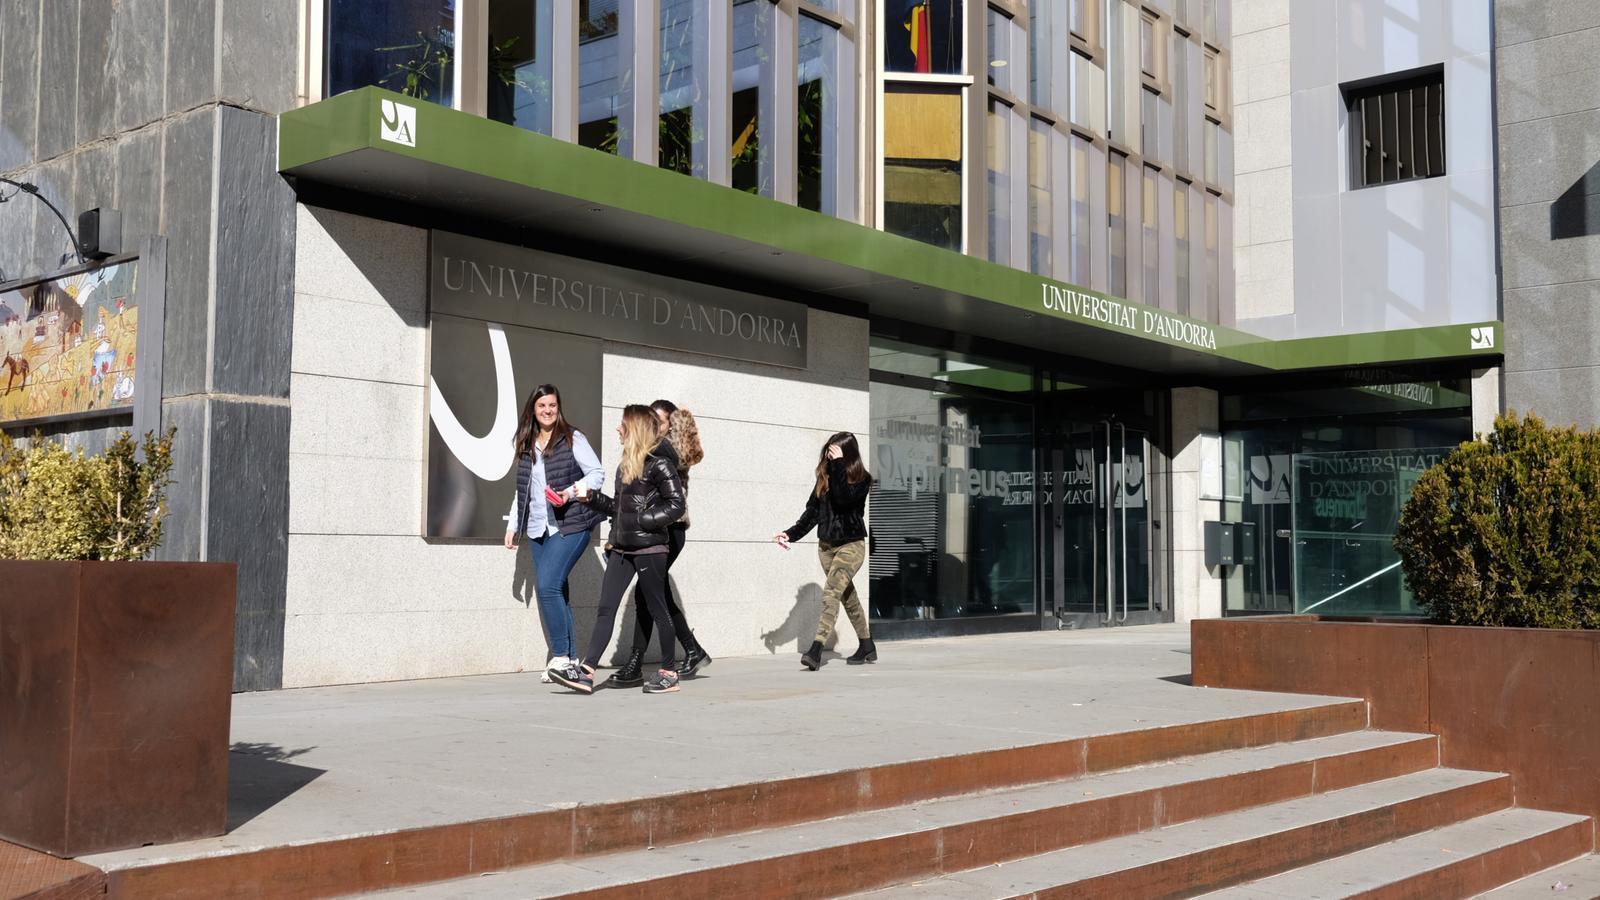 Universitat d'Andorra. / AGÈNCIA ANA